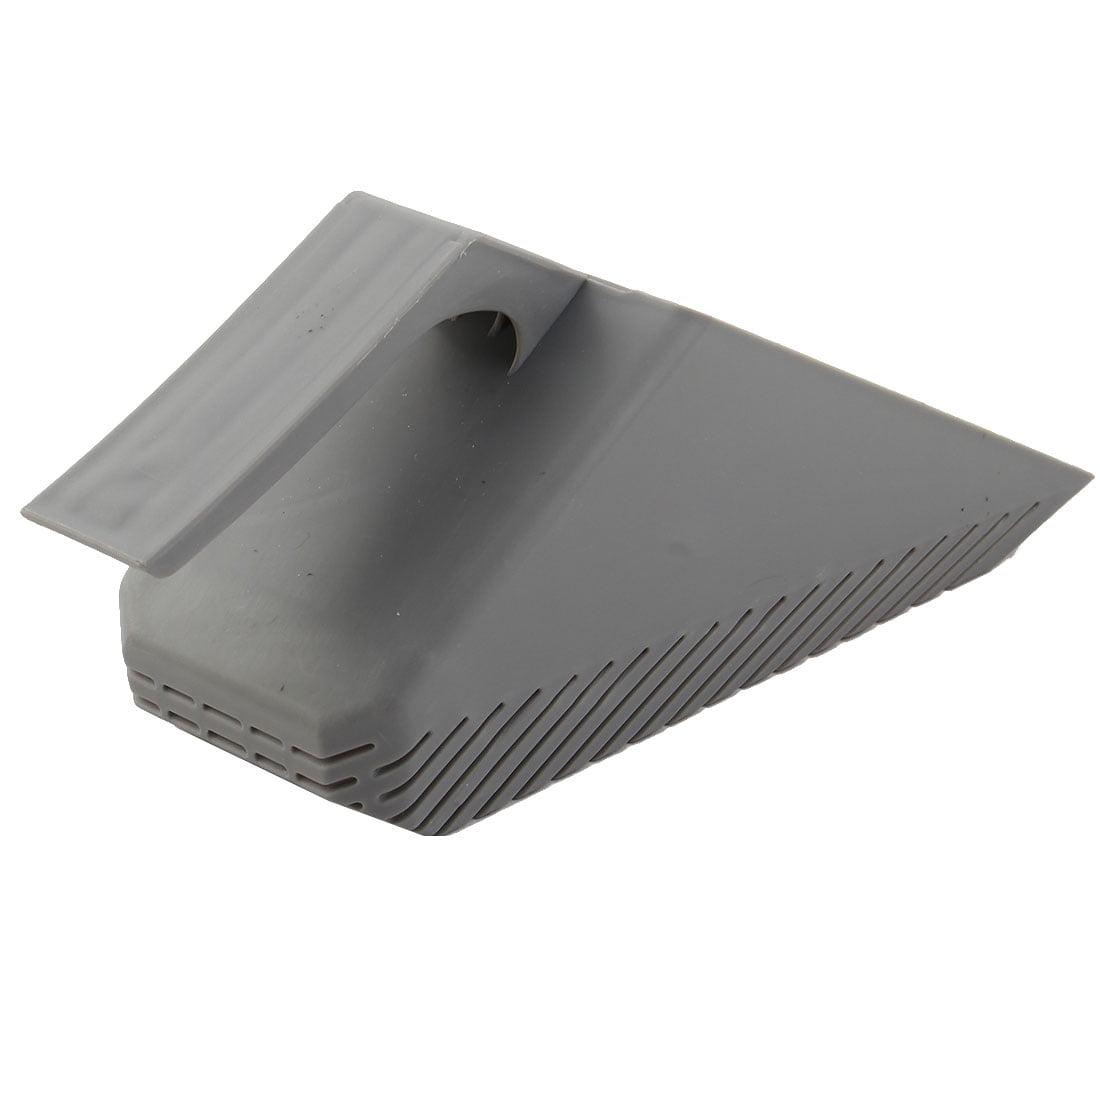 Aquarium Plastic Cleaning Tool Sand Gravel Grit Shovel Scraper Scoop Gray - image 1 of 3